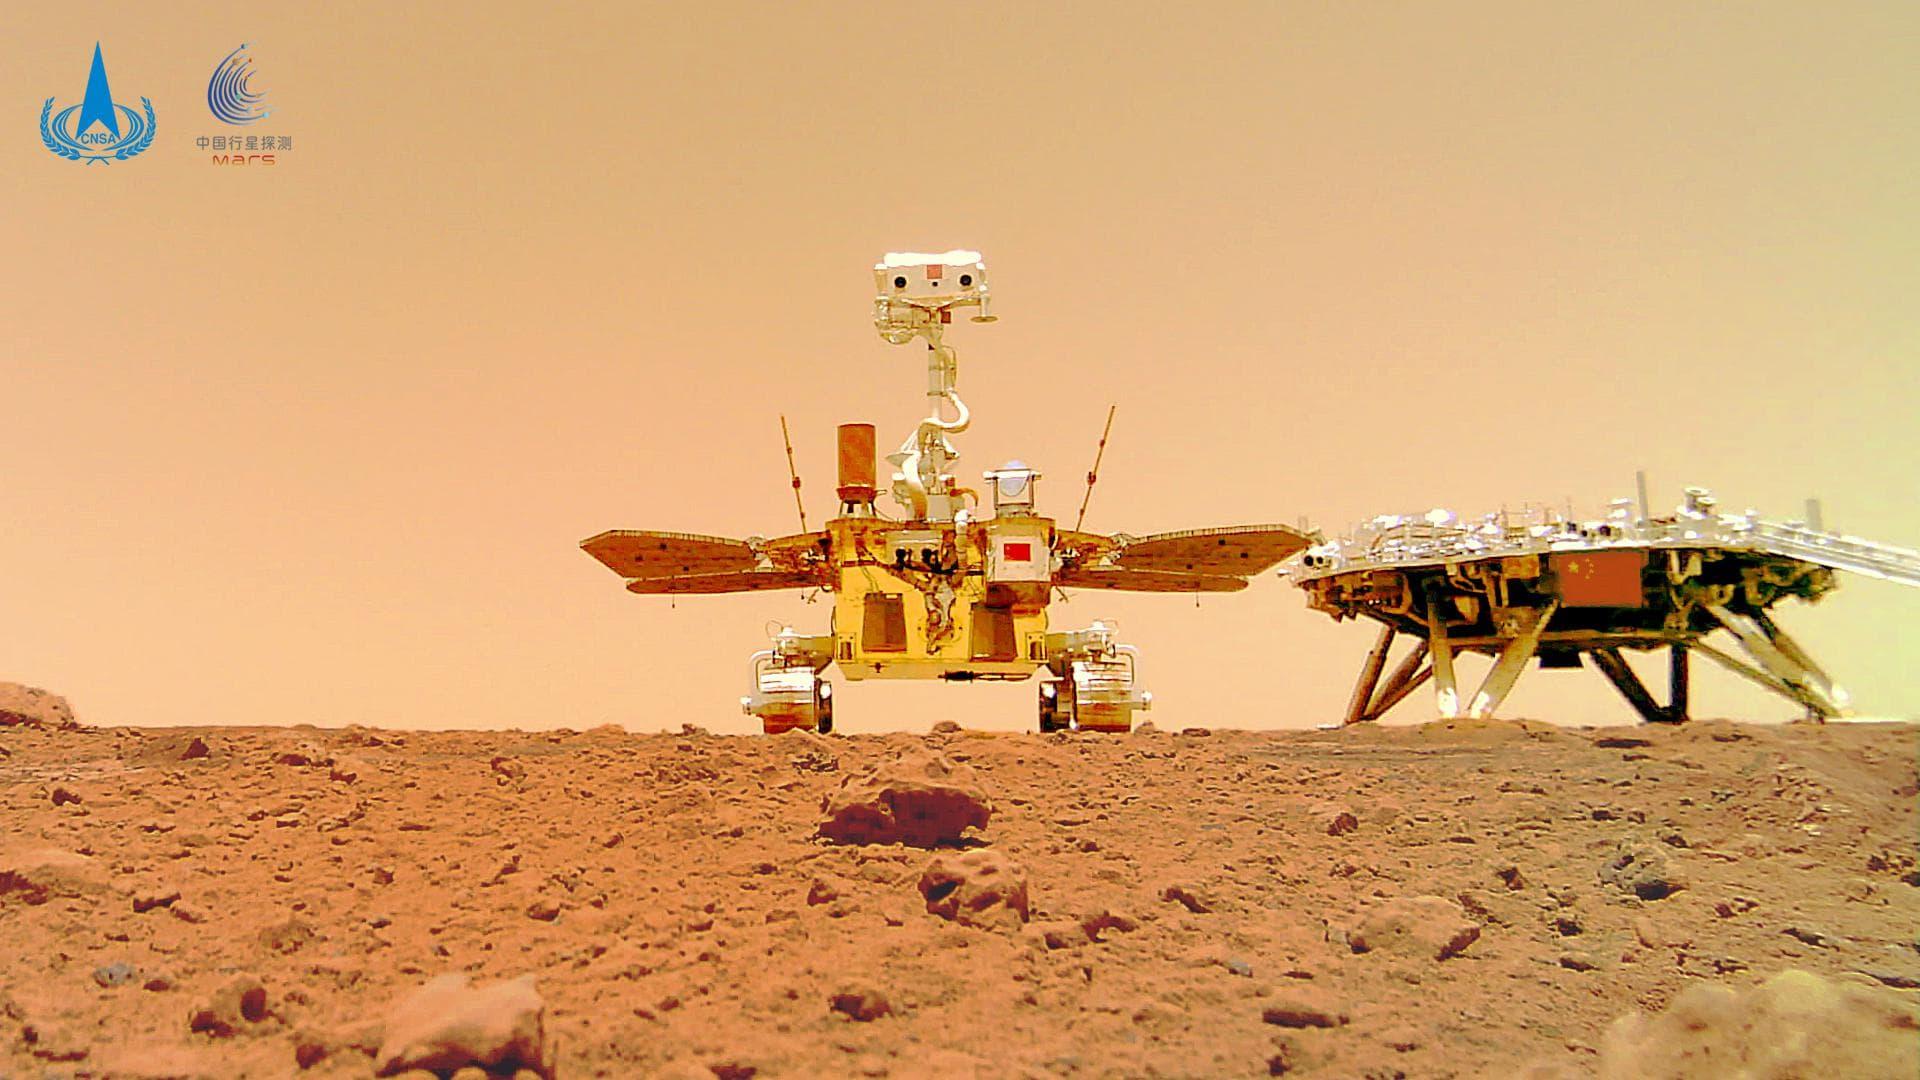 Китайский марсоход сделал групповое селфи